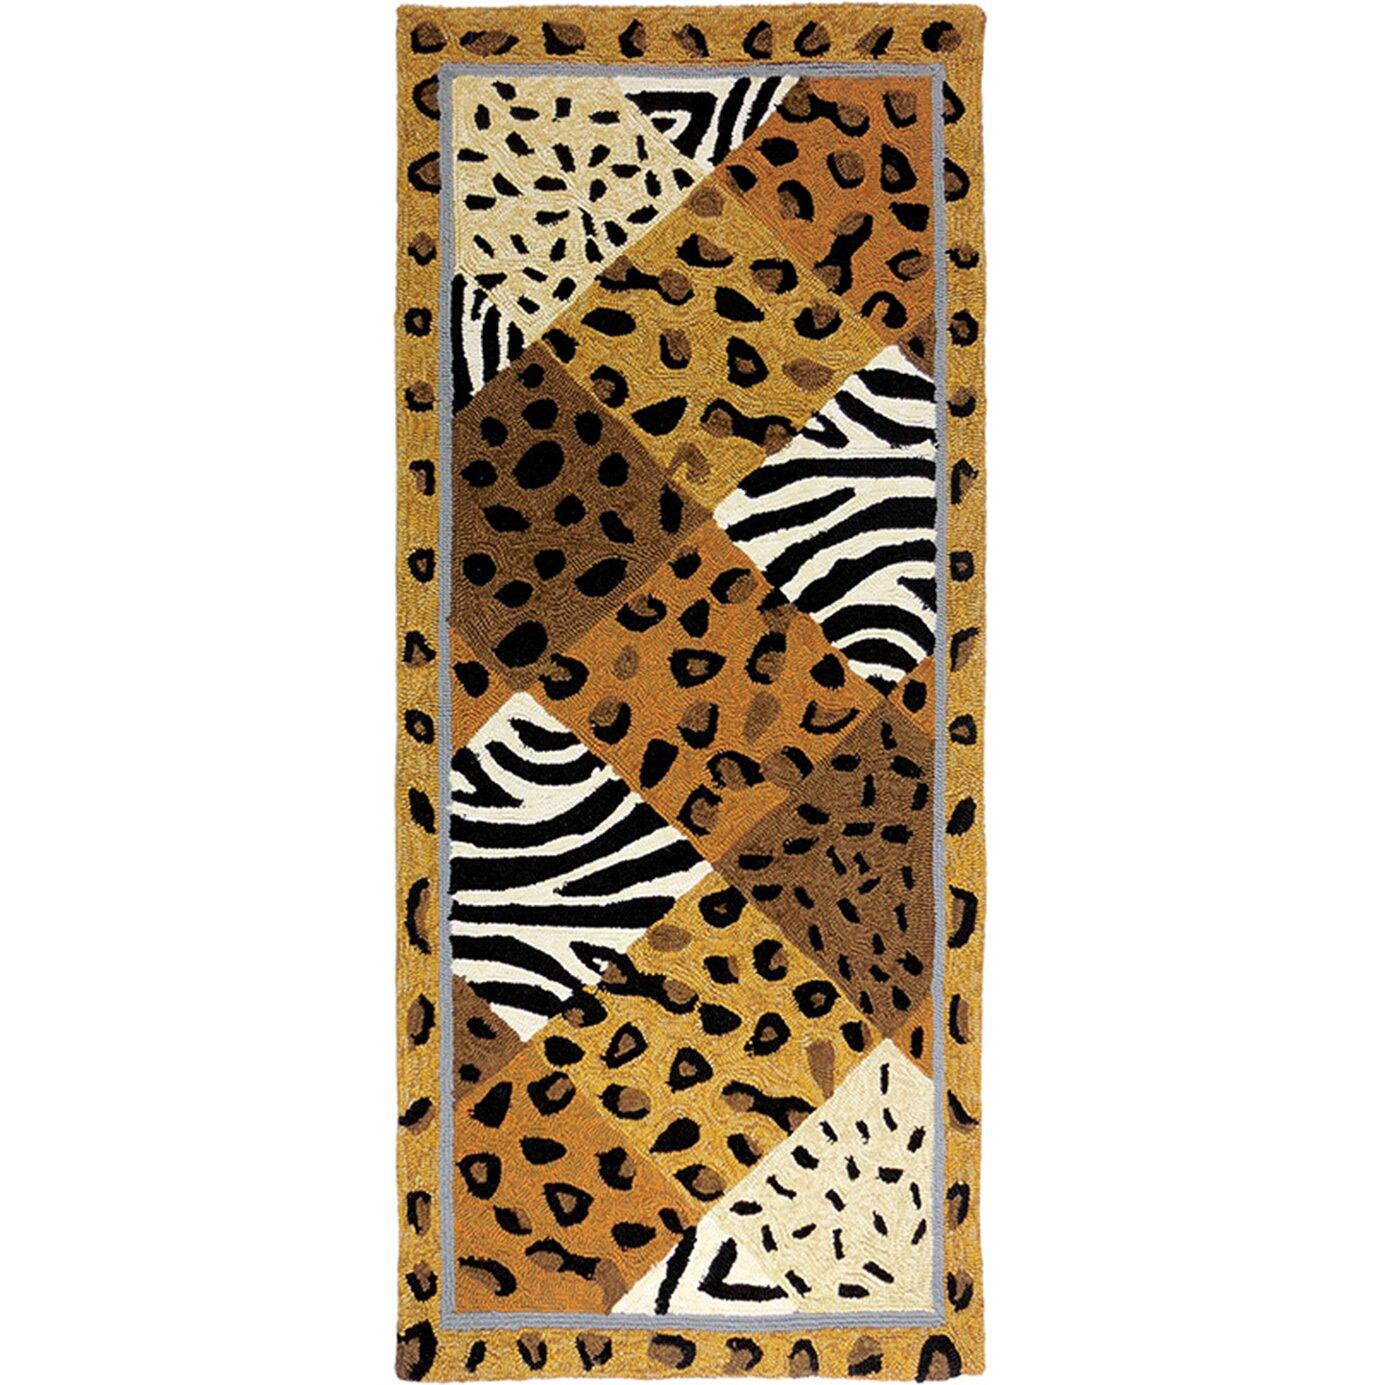 Animal Print Rug Wayfair: Animal Print Area Rug